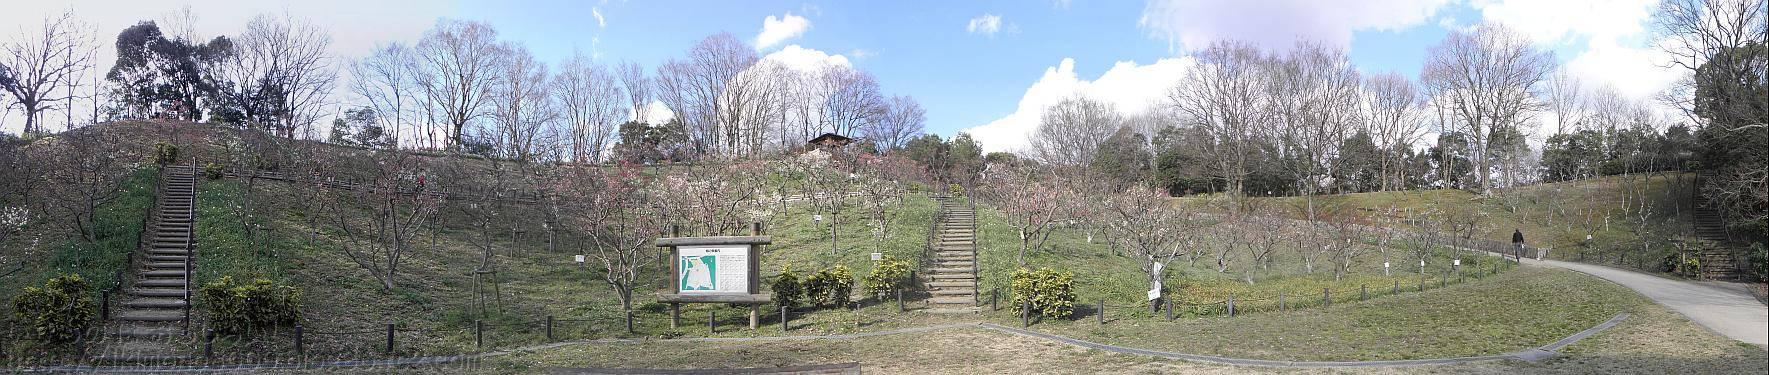 下から見上げた錦織公園梅園